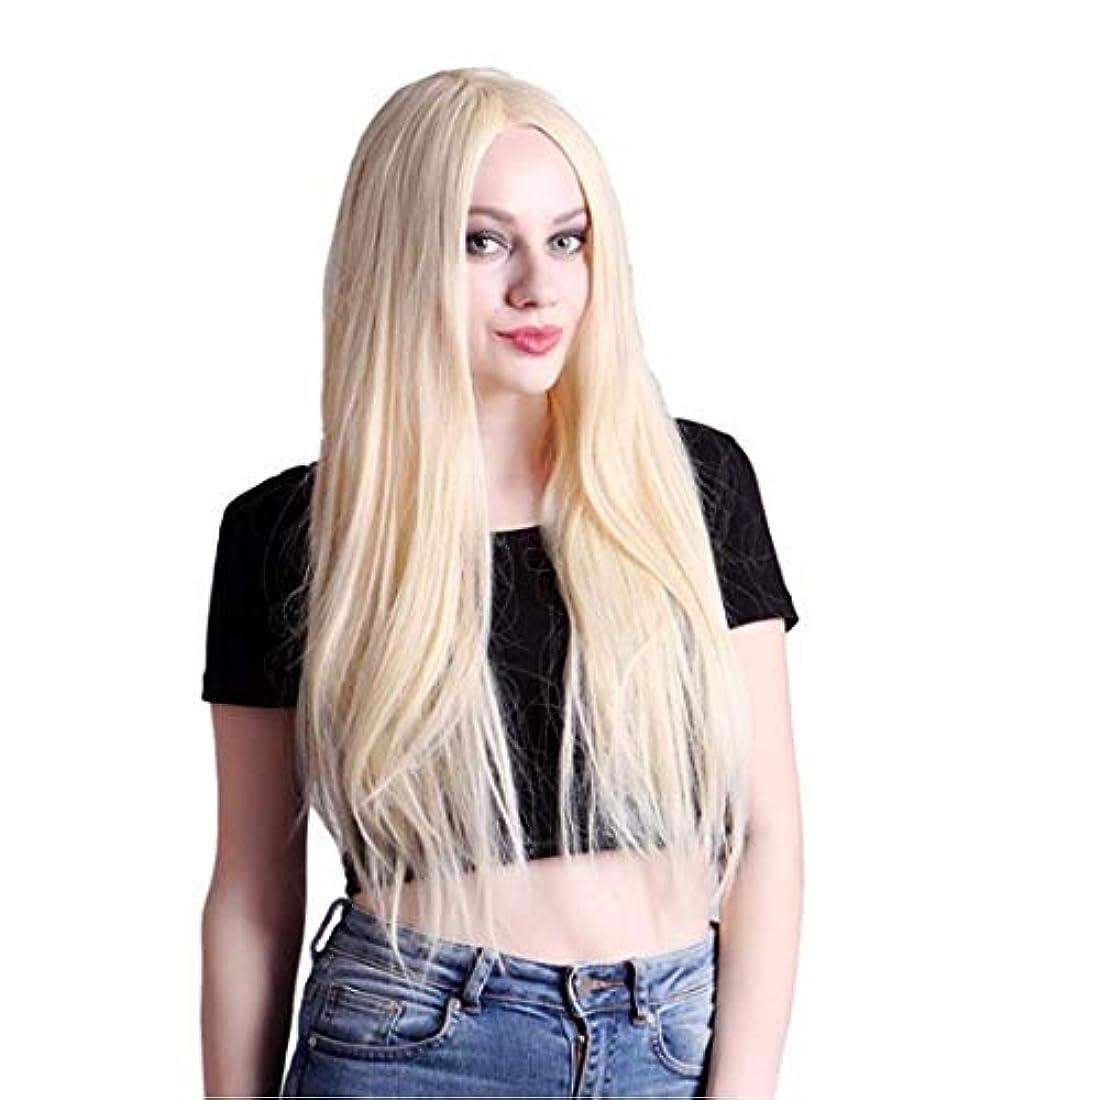 コンベンション小切手冷蔵するSummerys レディースウィッグ夏スタイルの完璧なヘアラインルートウィッグ人工毛フロントレースかつらすべての肌のトーンのシルクストレートヘア